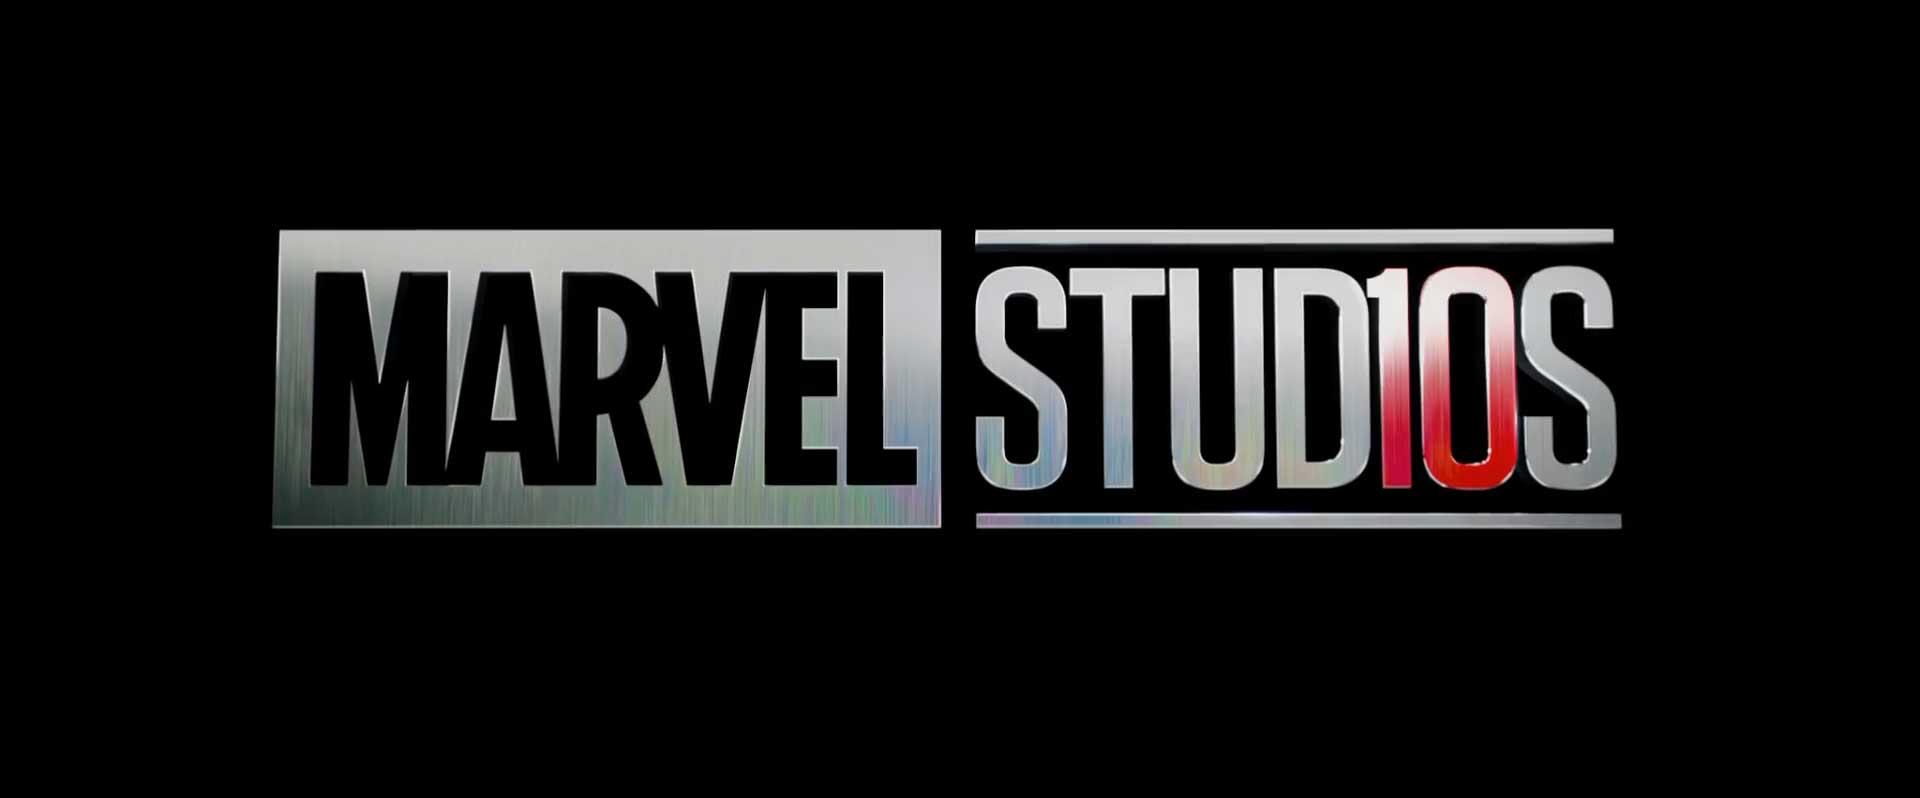 Avengers Endgame Special Look Trailer Breakdown - Marvel Studios Logo